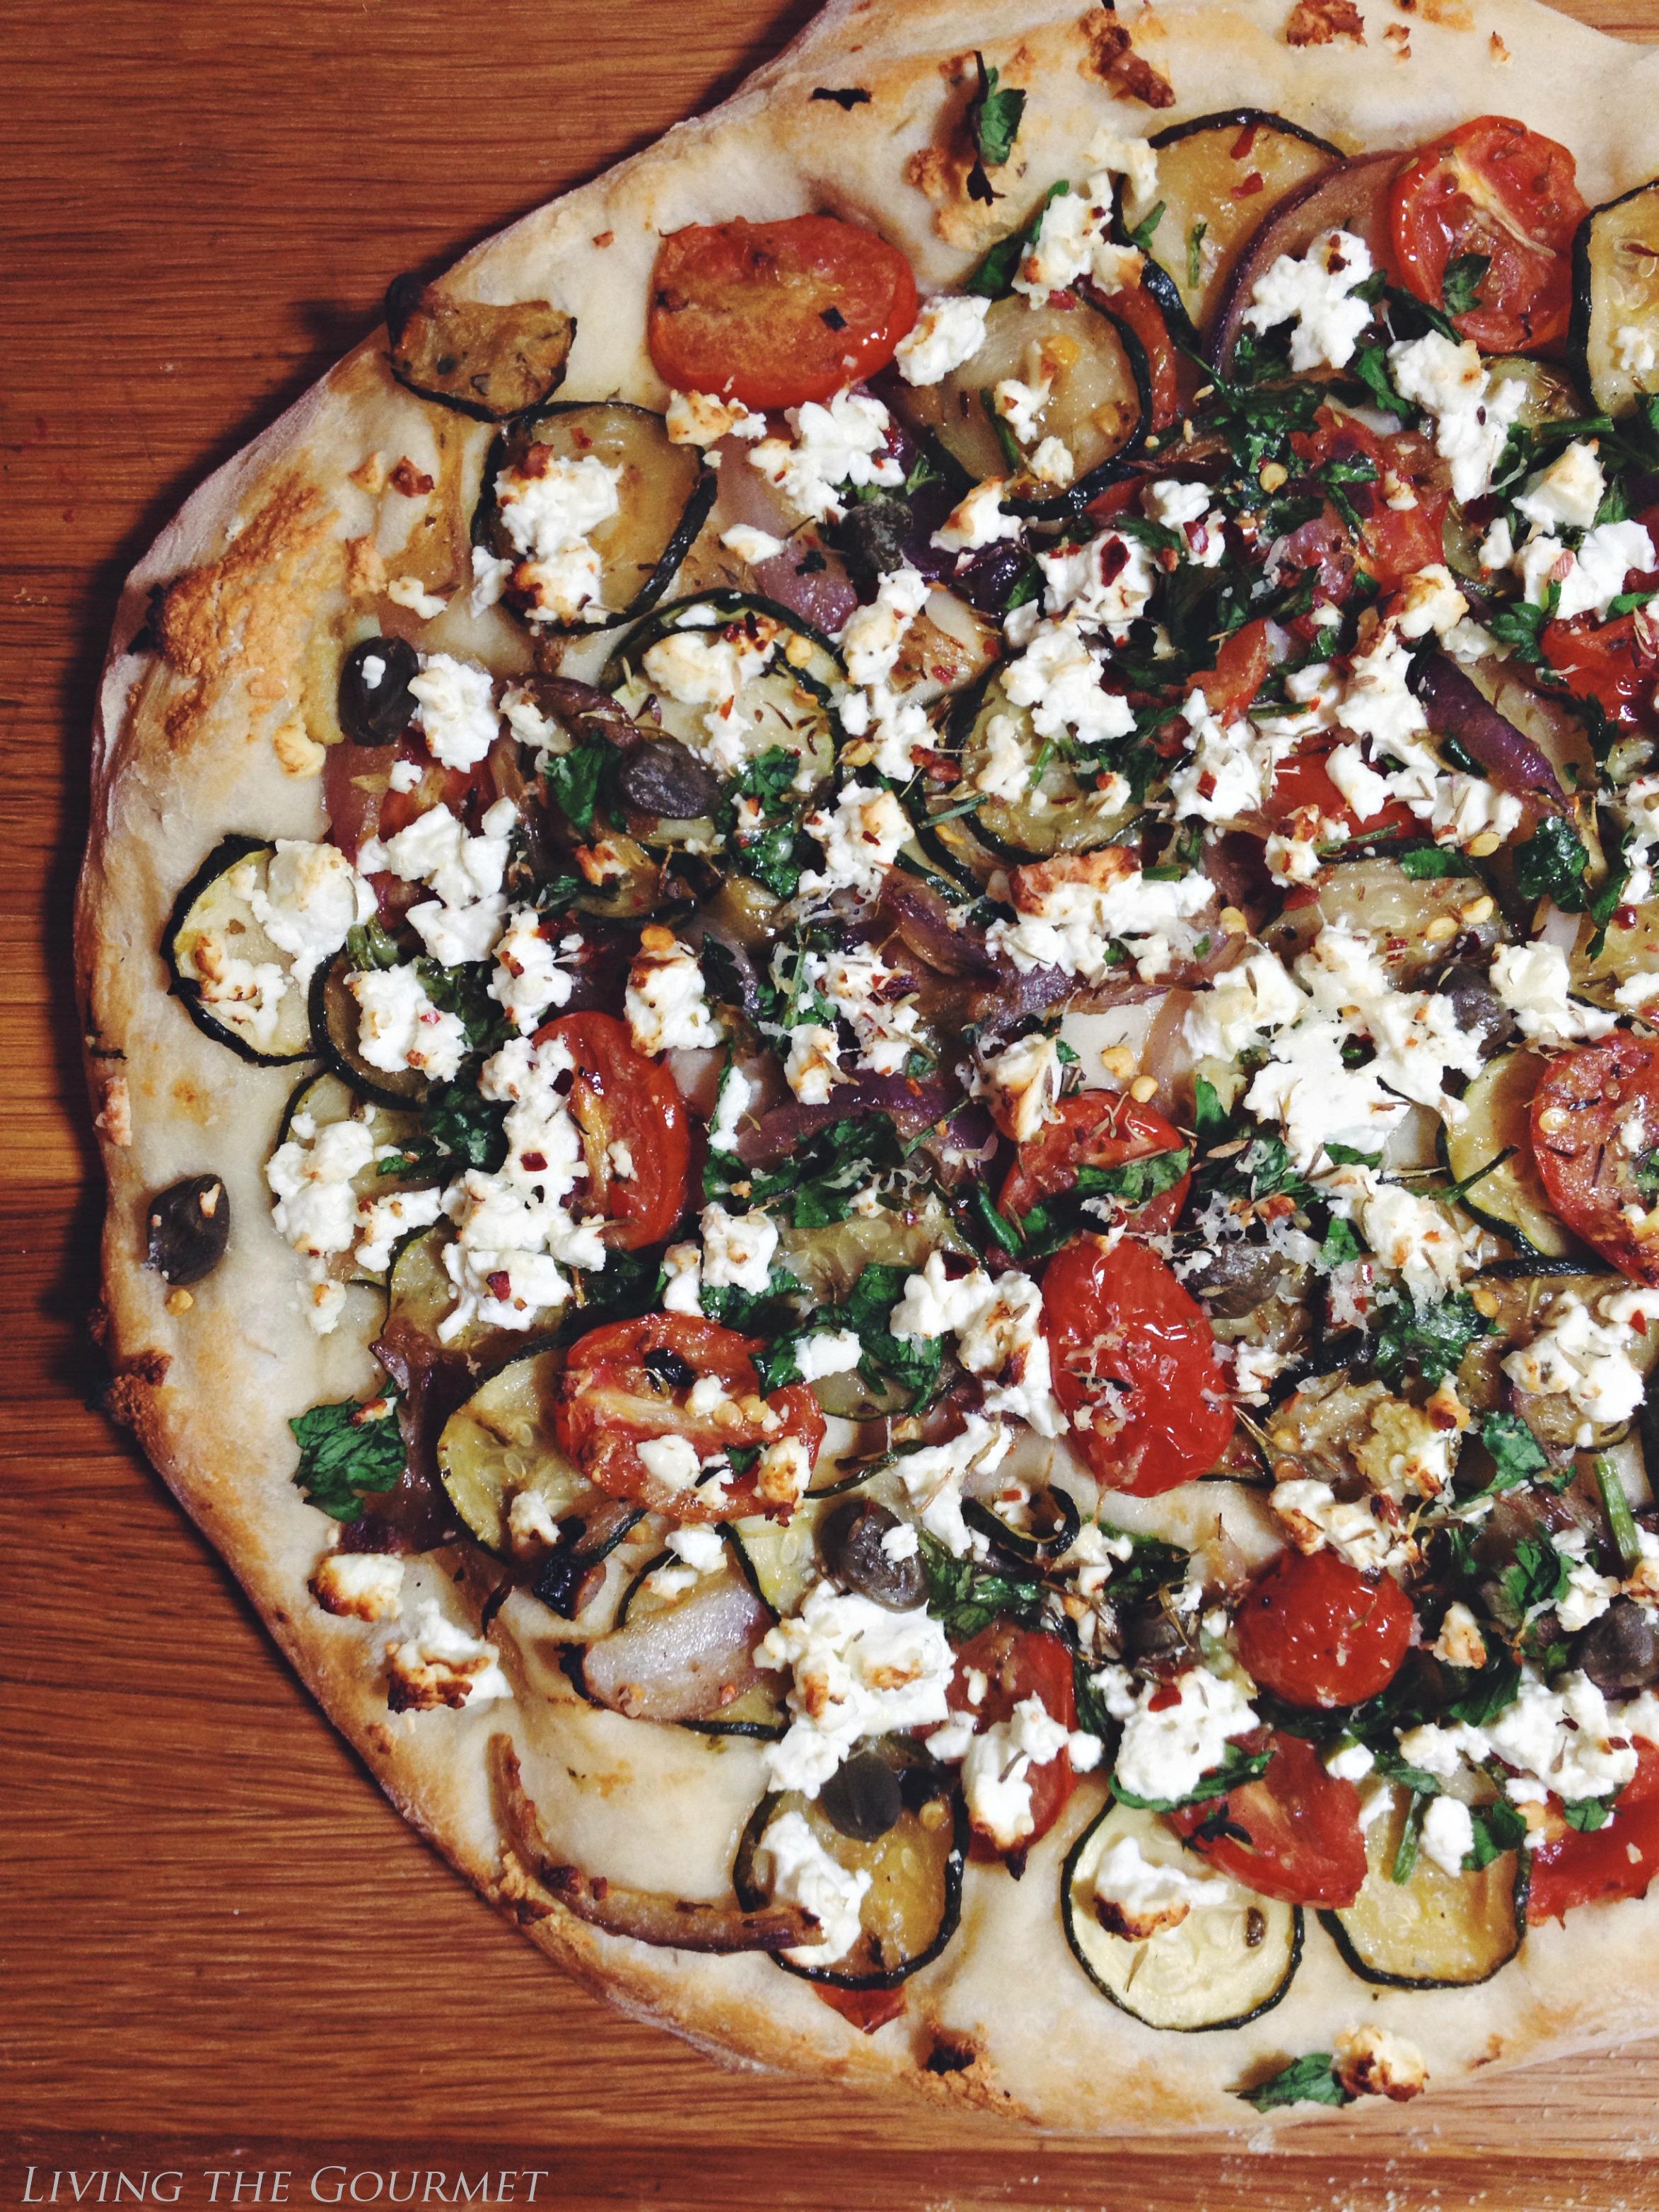 Living the Gourmet: Fresh Veggie & Feta Pizza